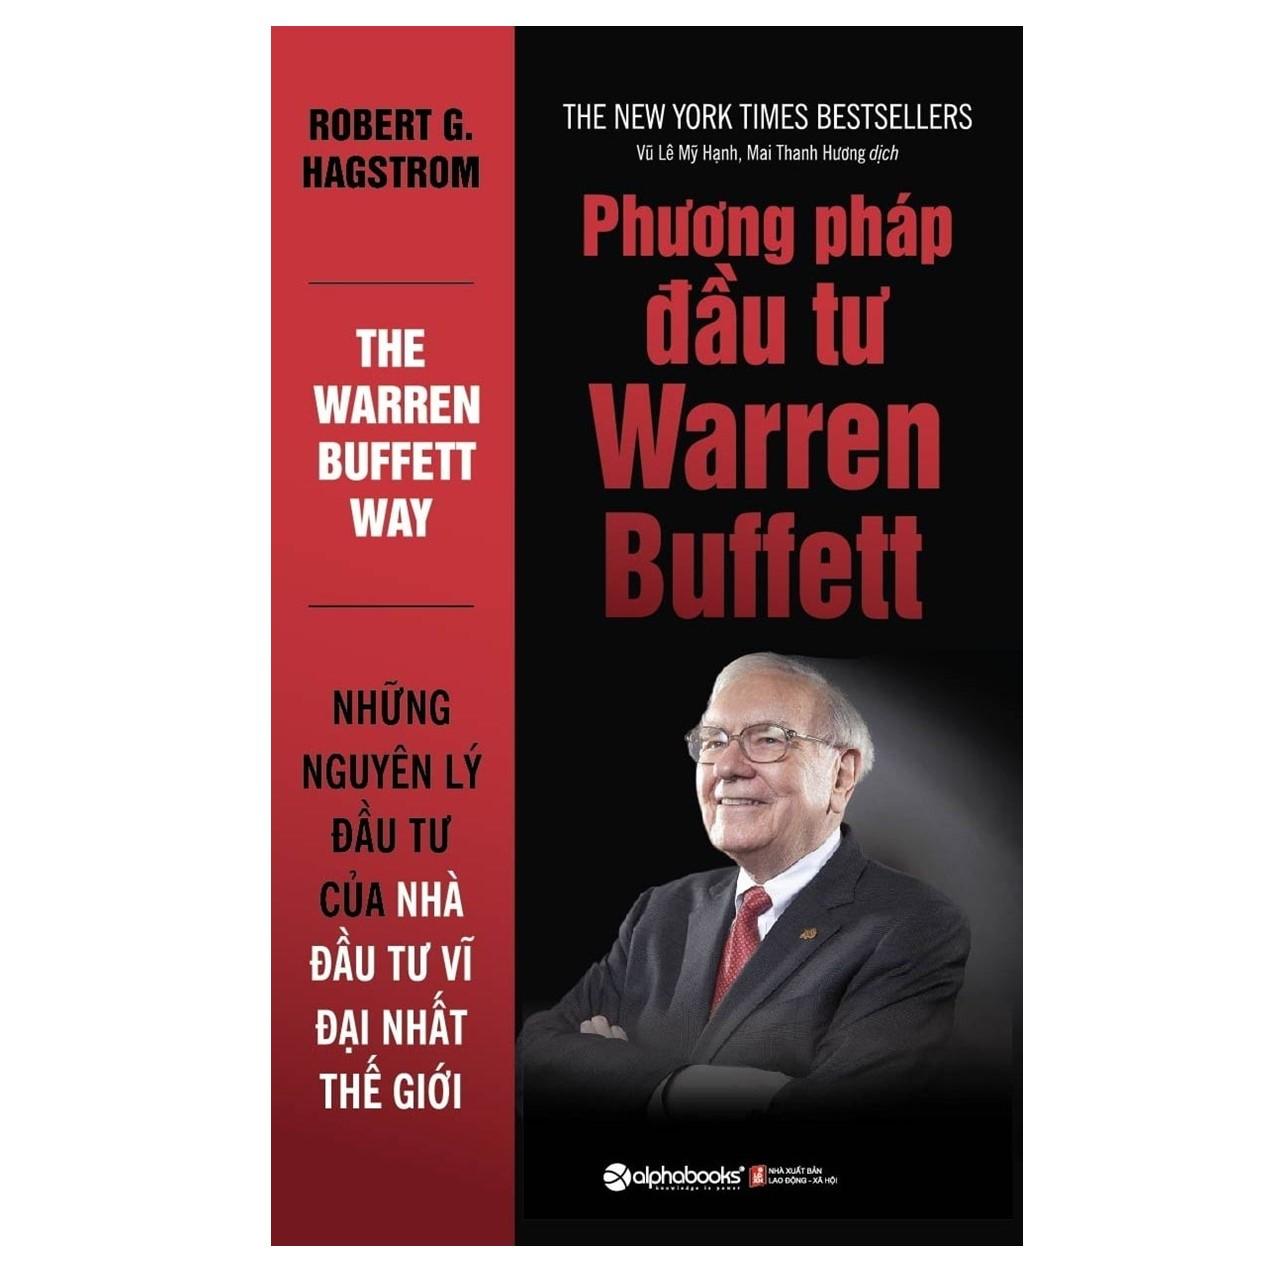 Combo Thị Trường Chứng Khoán: Phân Tích Chứng Khoán + Phương Pháp Đầu Tư Từ Warren Buffett